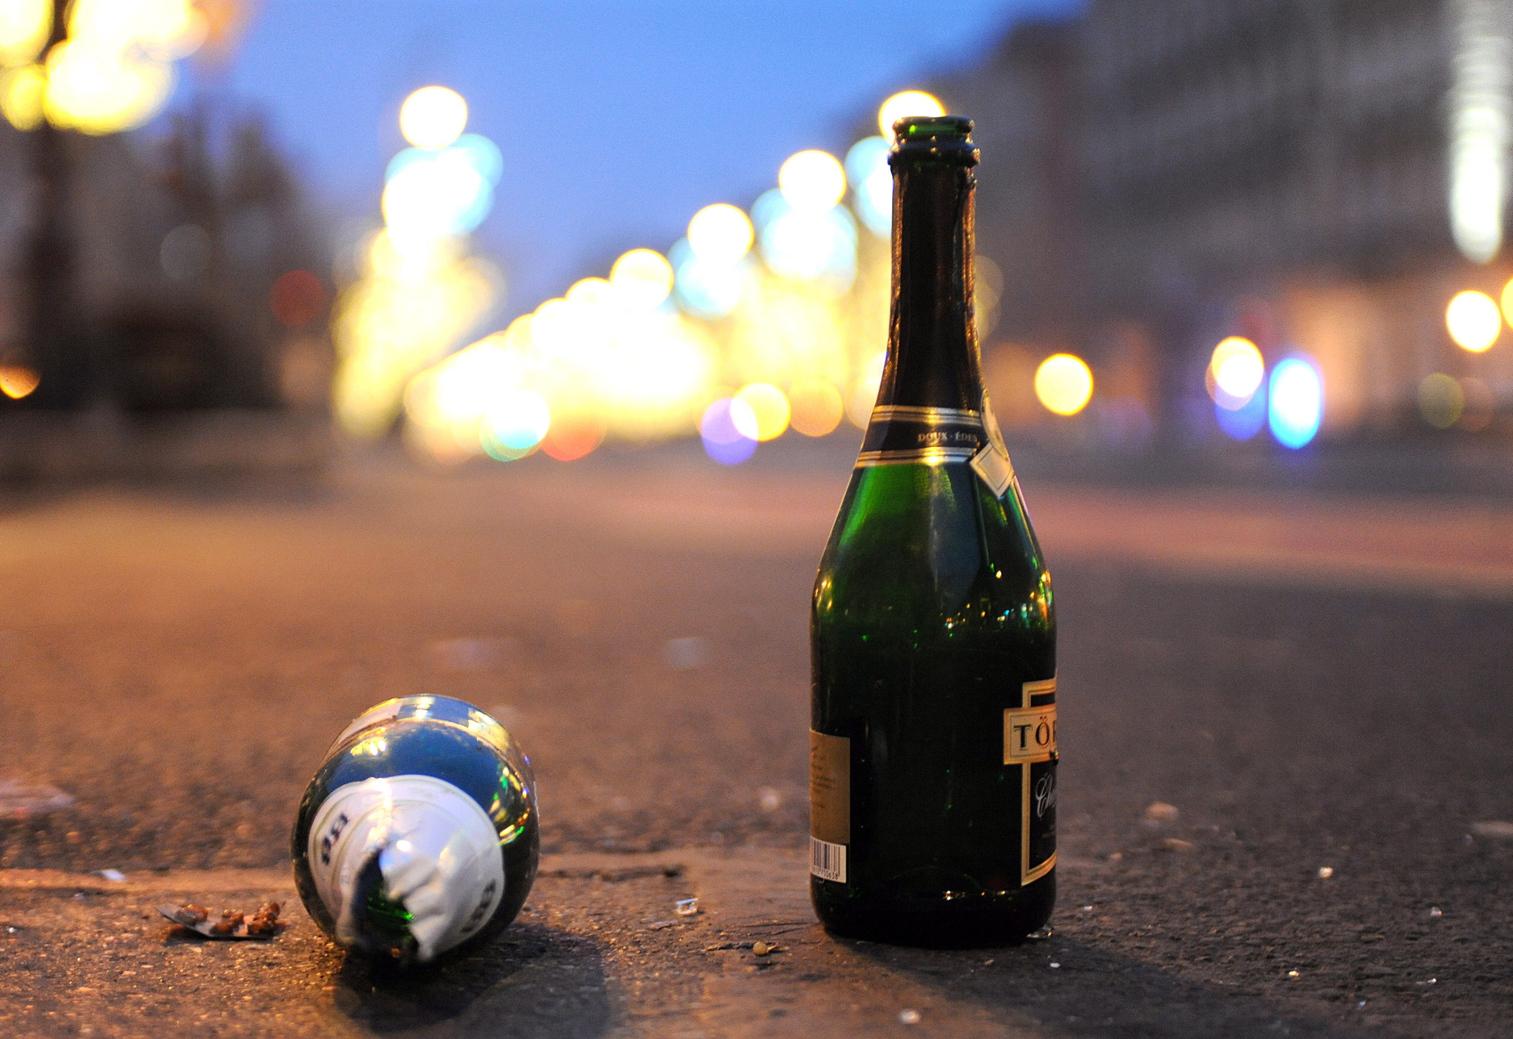 Üres pezsgősüvegek a budapesti Oktogonon 2013. január 1-jén hajnalban. MTI Fotó: Czimbal Gyula